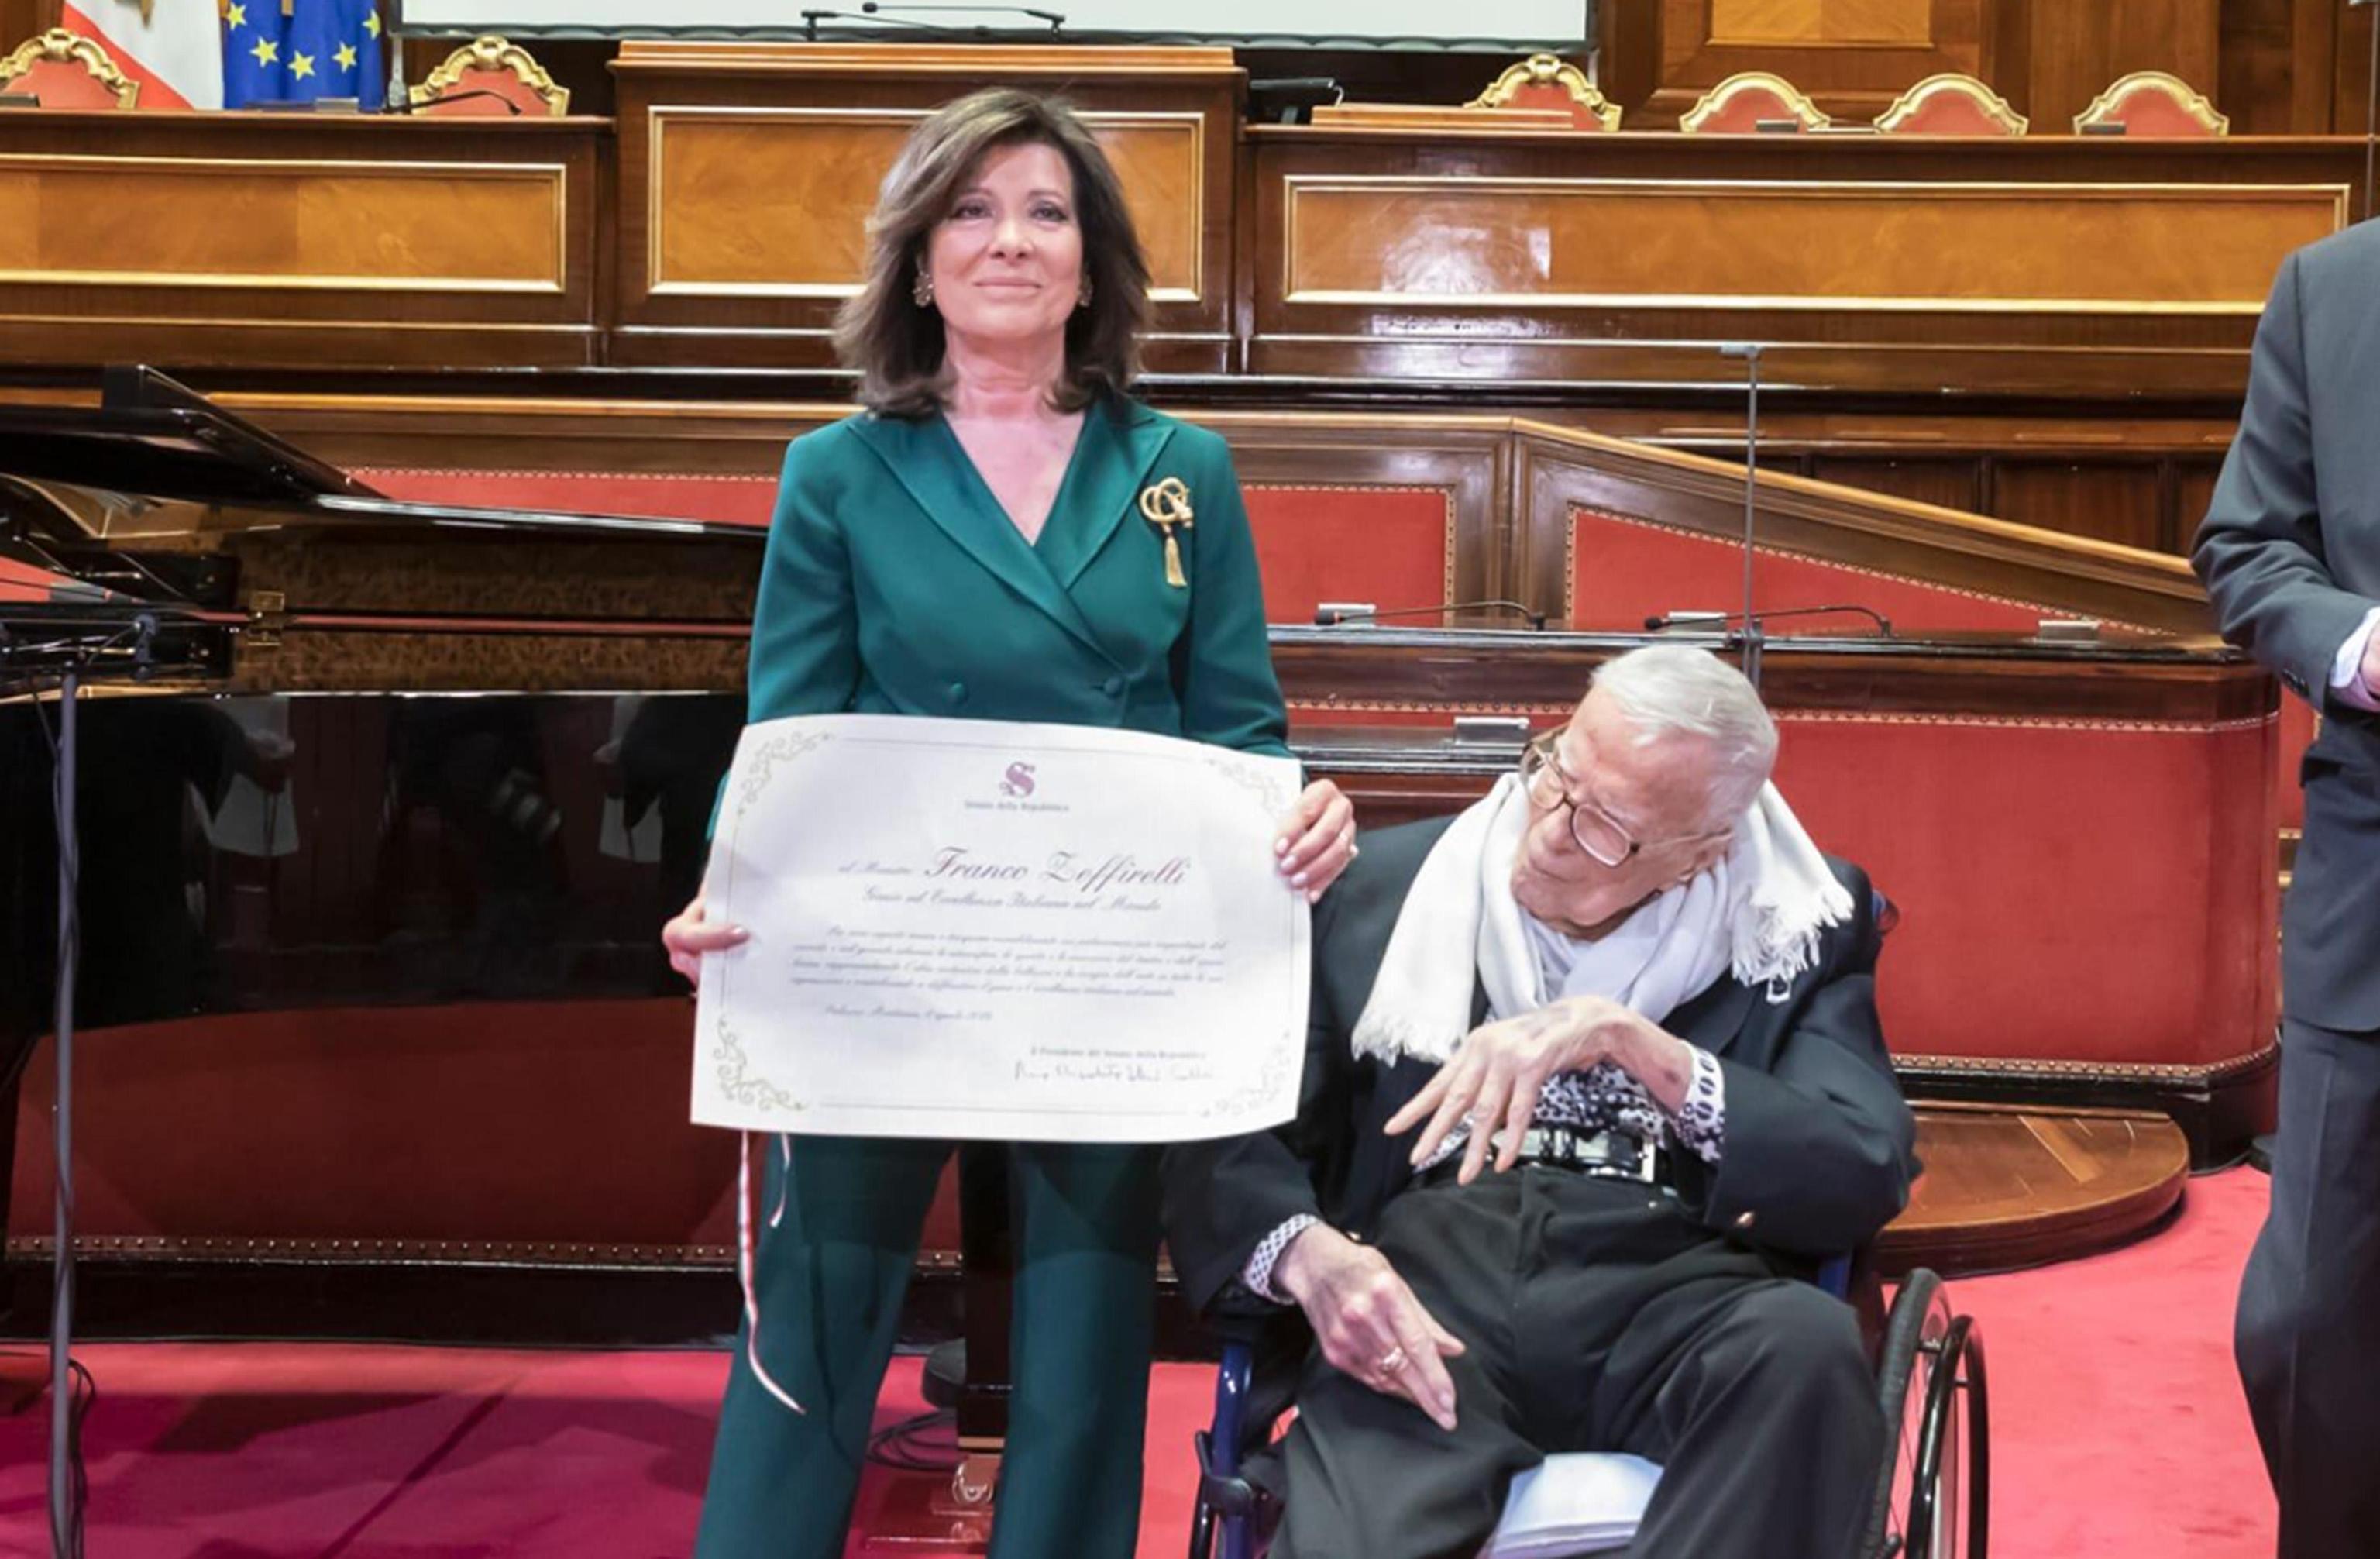 Senato e Cultura, la presidente Casellati premia Zeffirelli